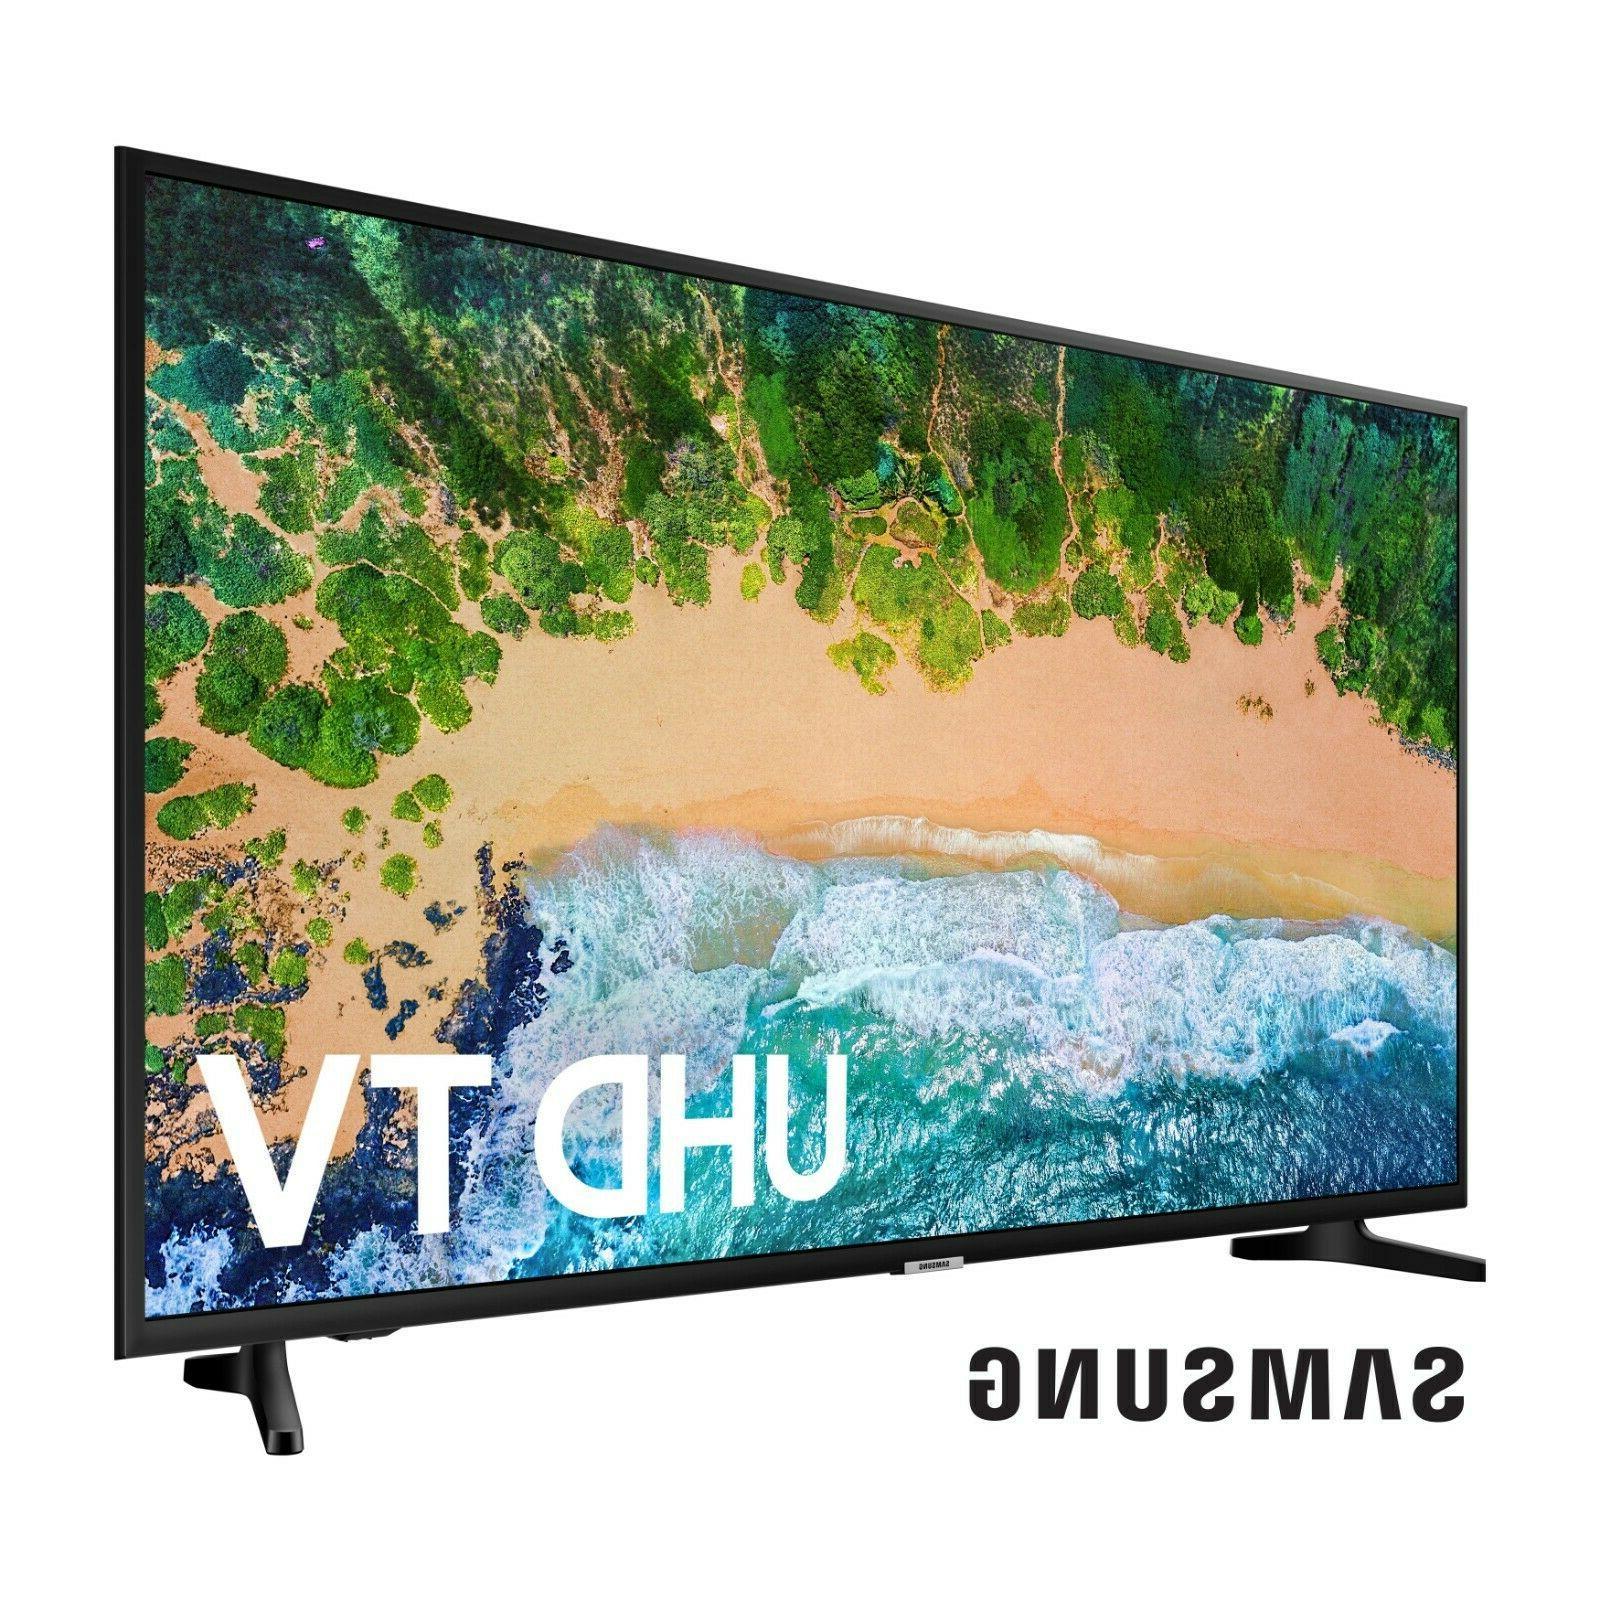 UHD LED TV with UN50NU6900